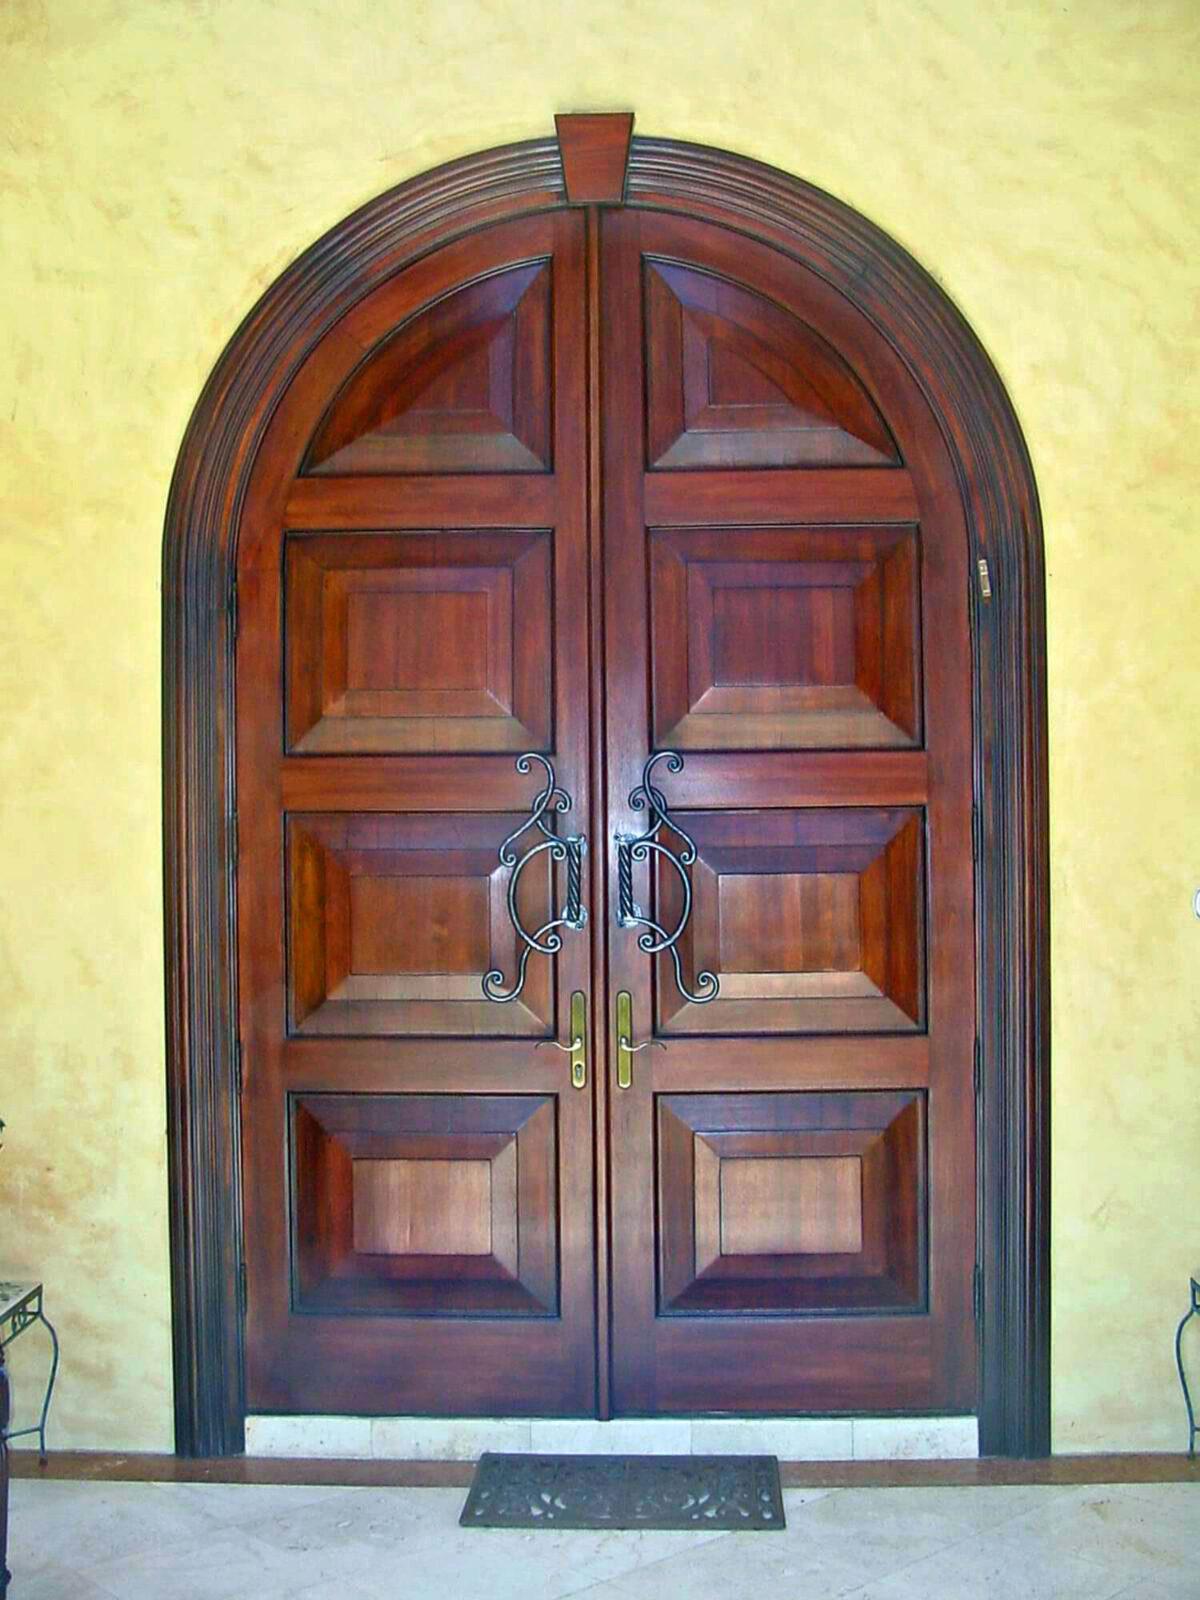 MARGATE MAHOGANY ENTRY DOORS.